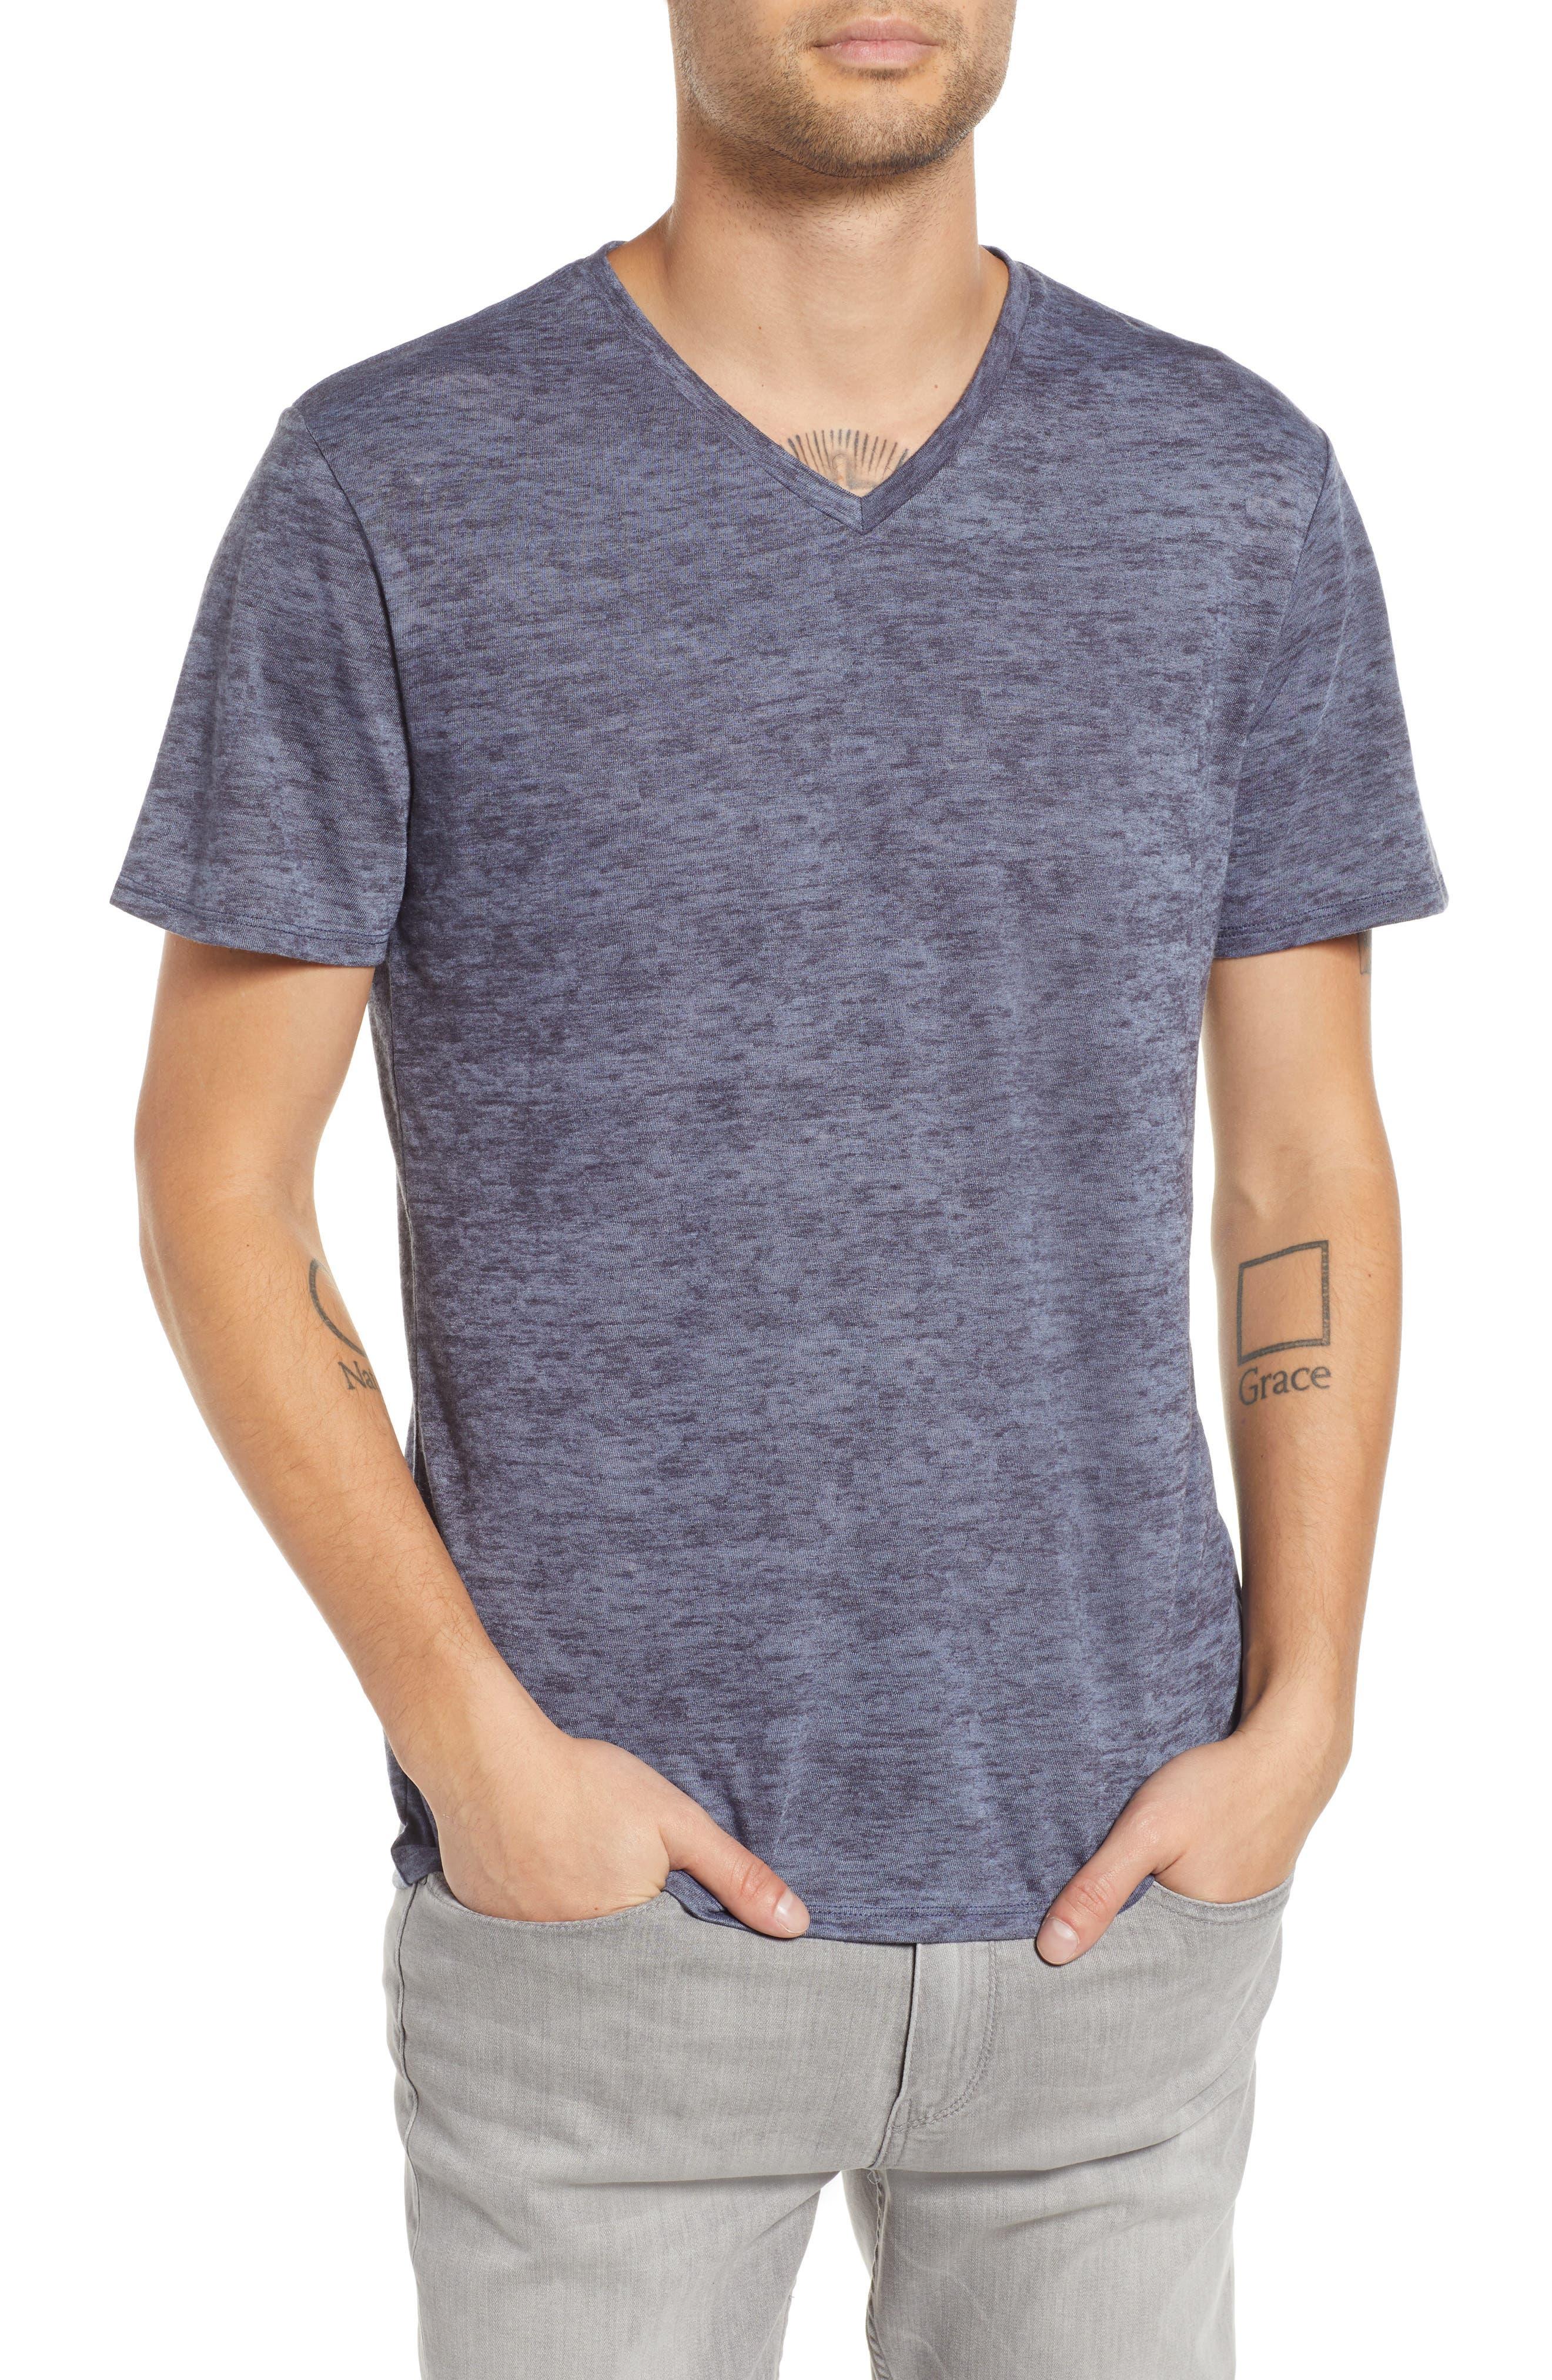 THE RAIL Burnout V-Neck T-Shirt, Main, color, BLUE STONEWASH - NAVY BURNOUT